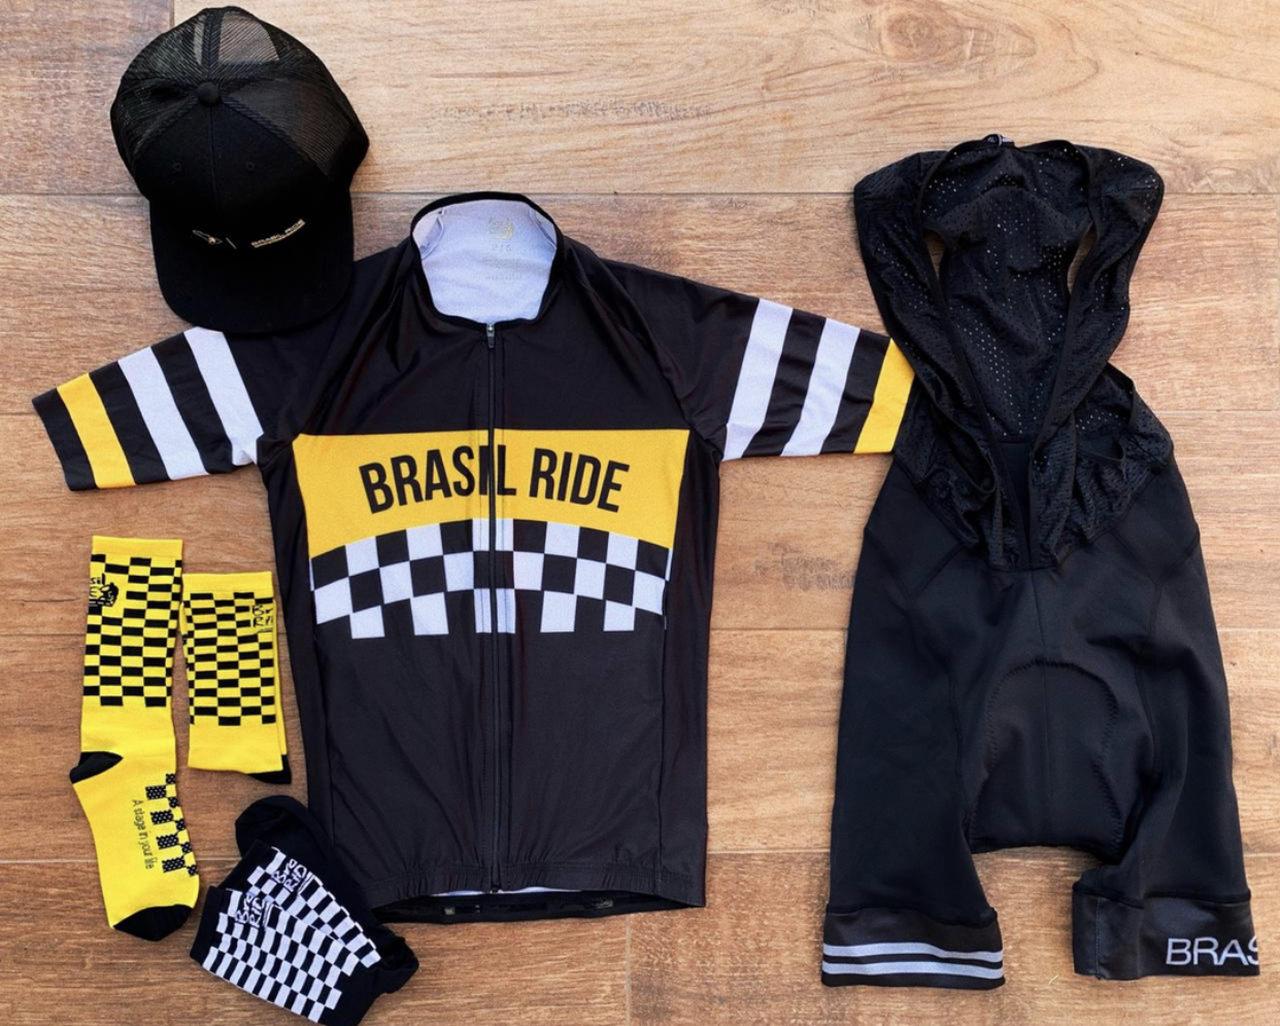 Bretelle Brasil Ride Masculino